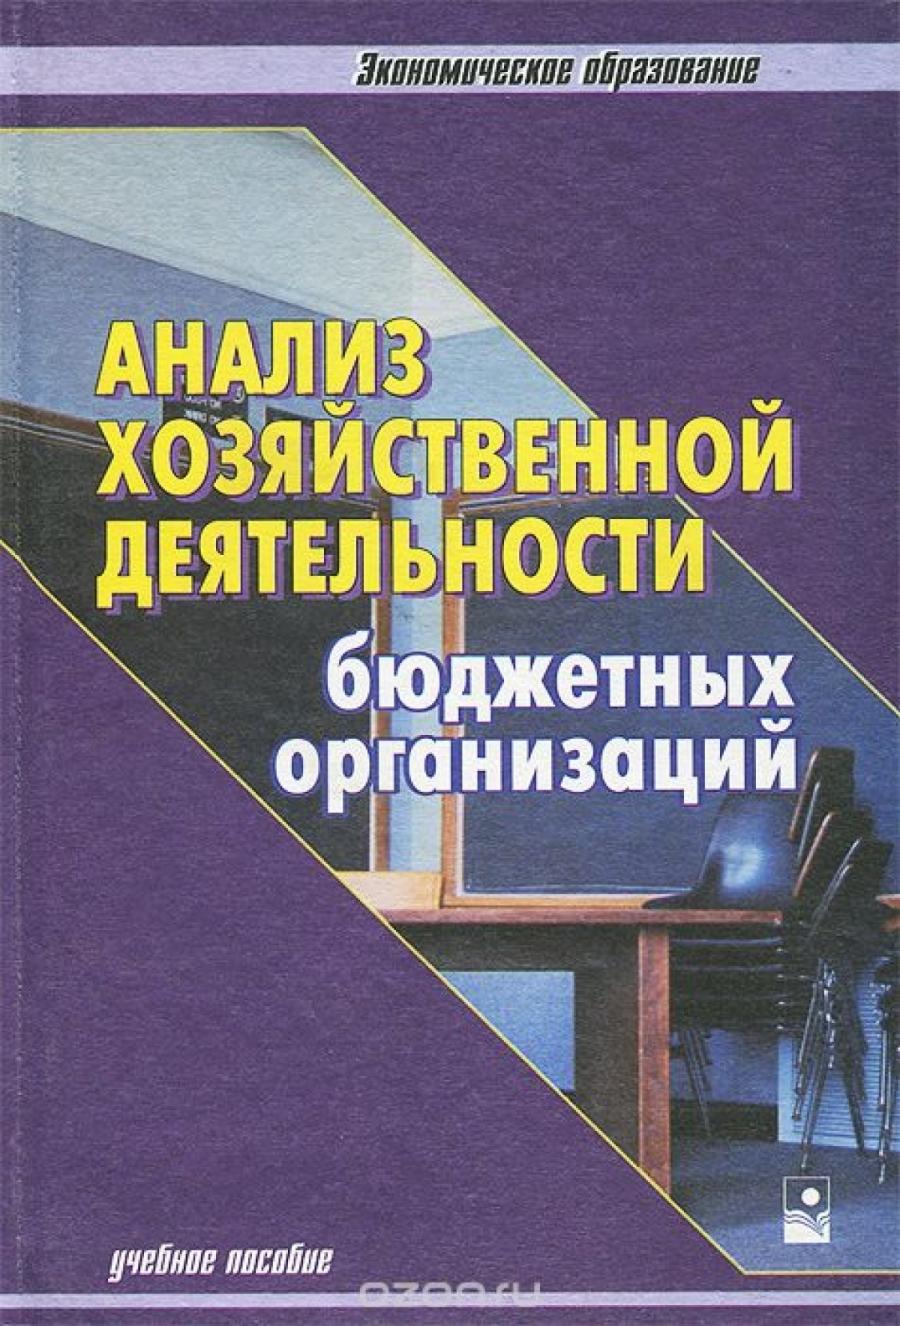 Обложка книги:  экономическое образование - д. а. панков, - анализ хоз. деят-ти бюджетных организаций